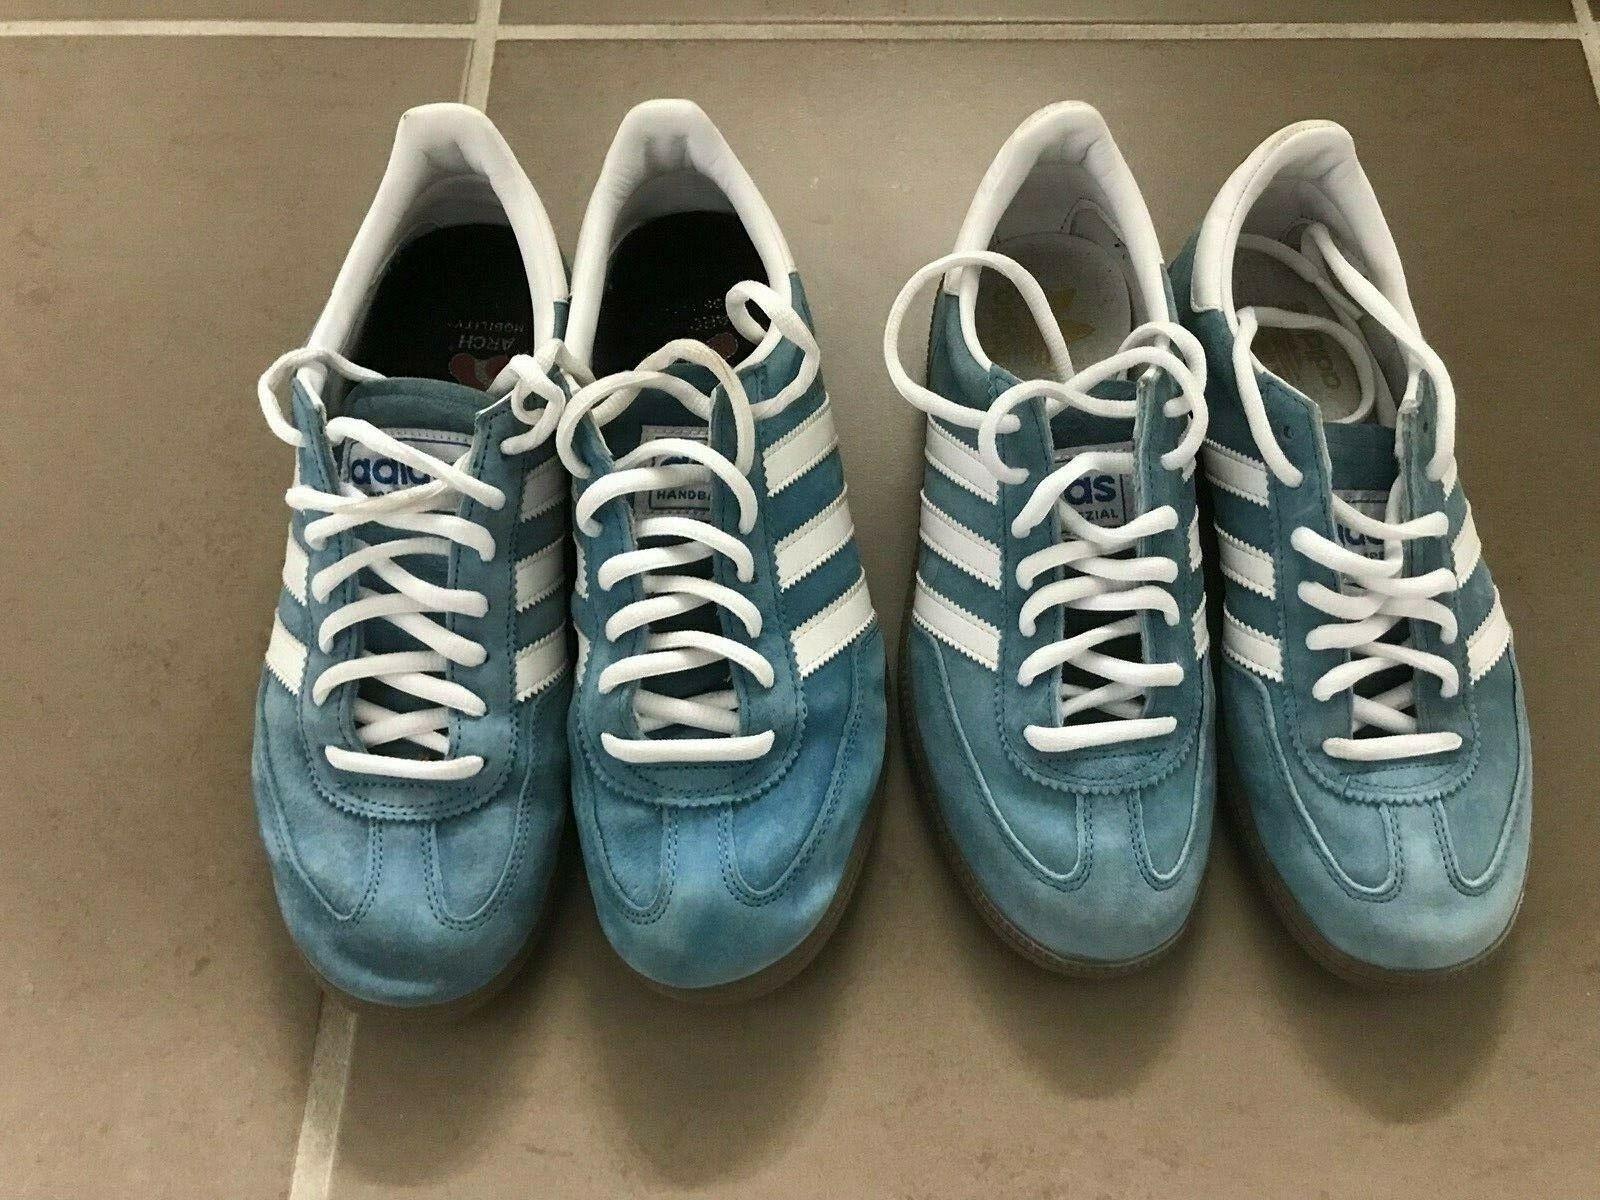 Indendørs sko, Handball special, – dba.dk – Køb og Salg af